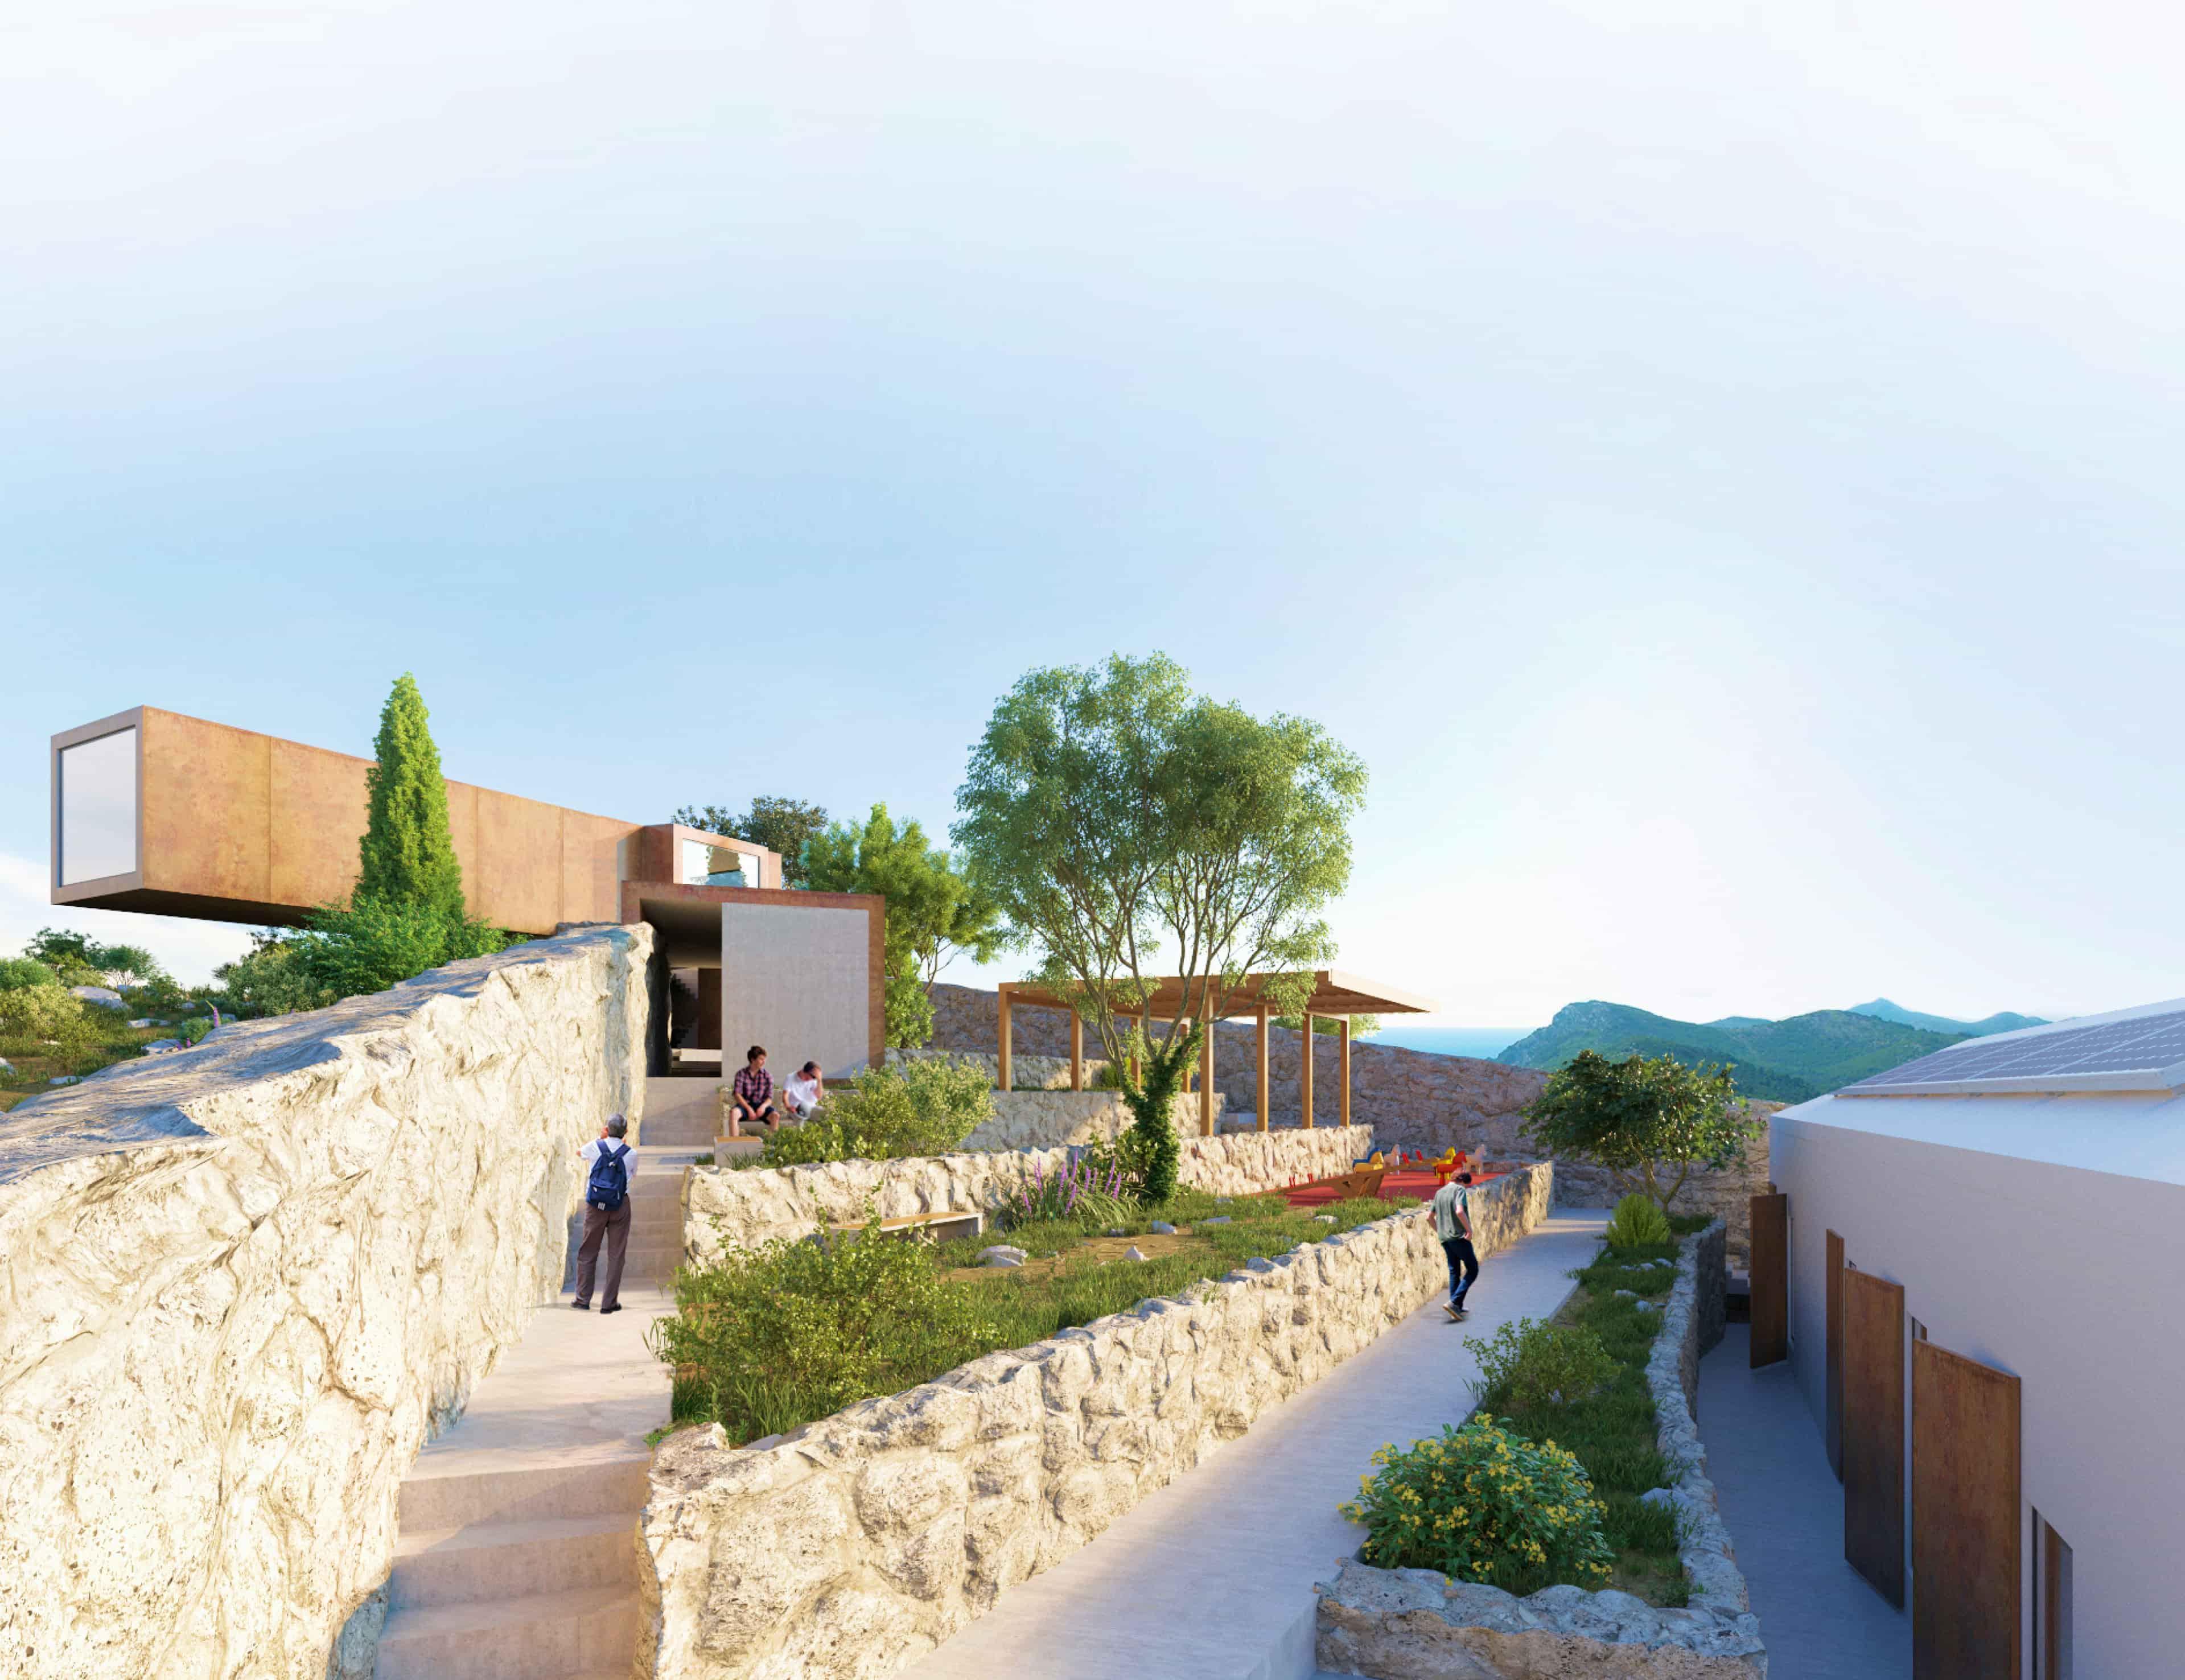 Financiranje projekta interpretacijsko edukacijski centar Grpašćak